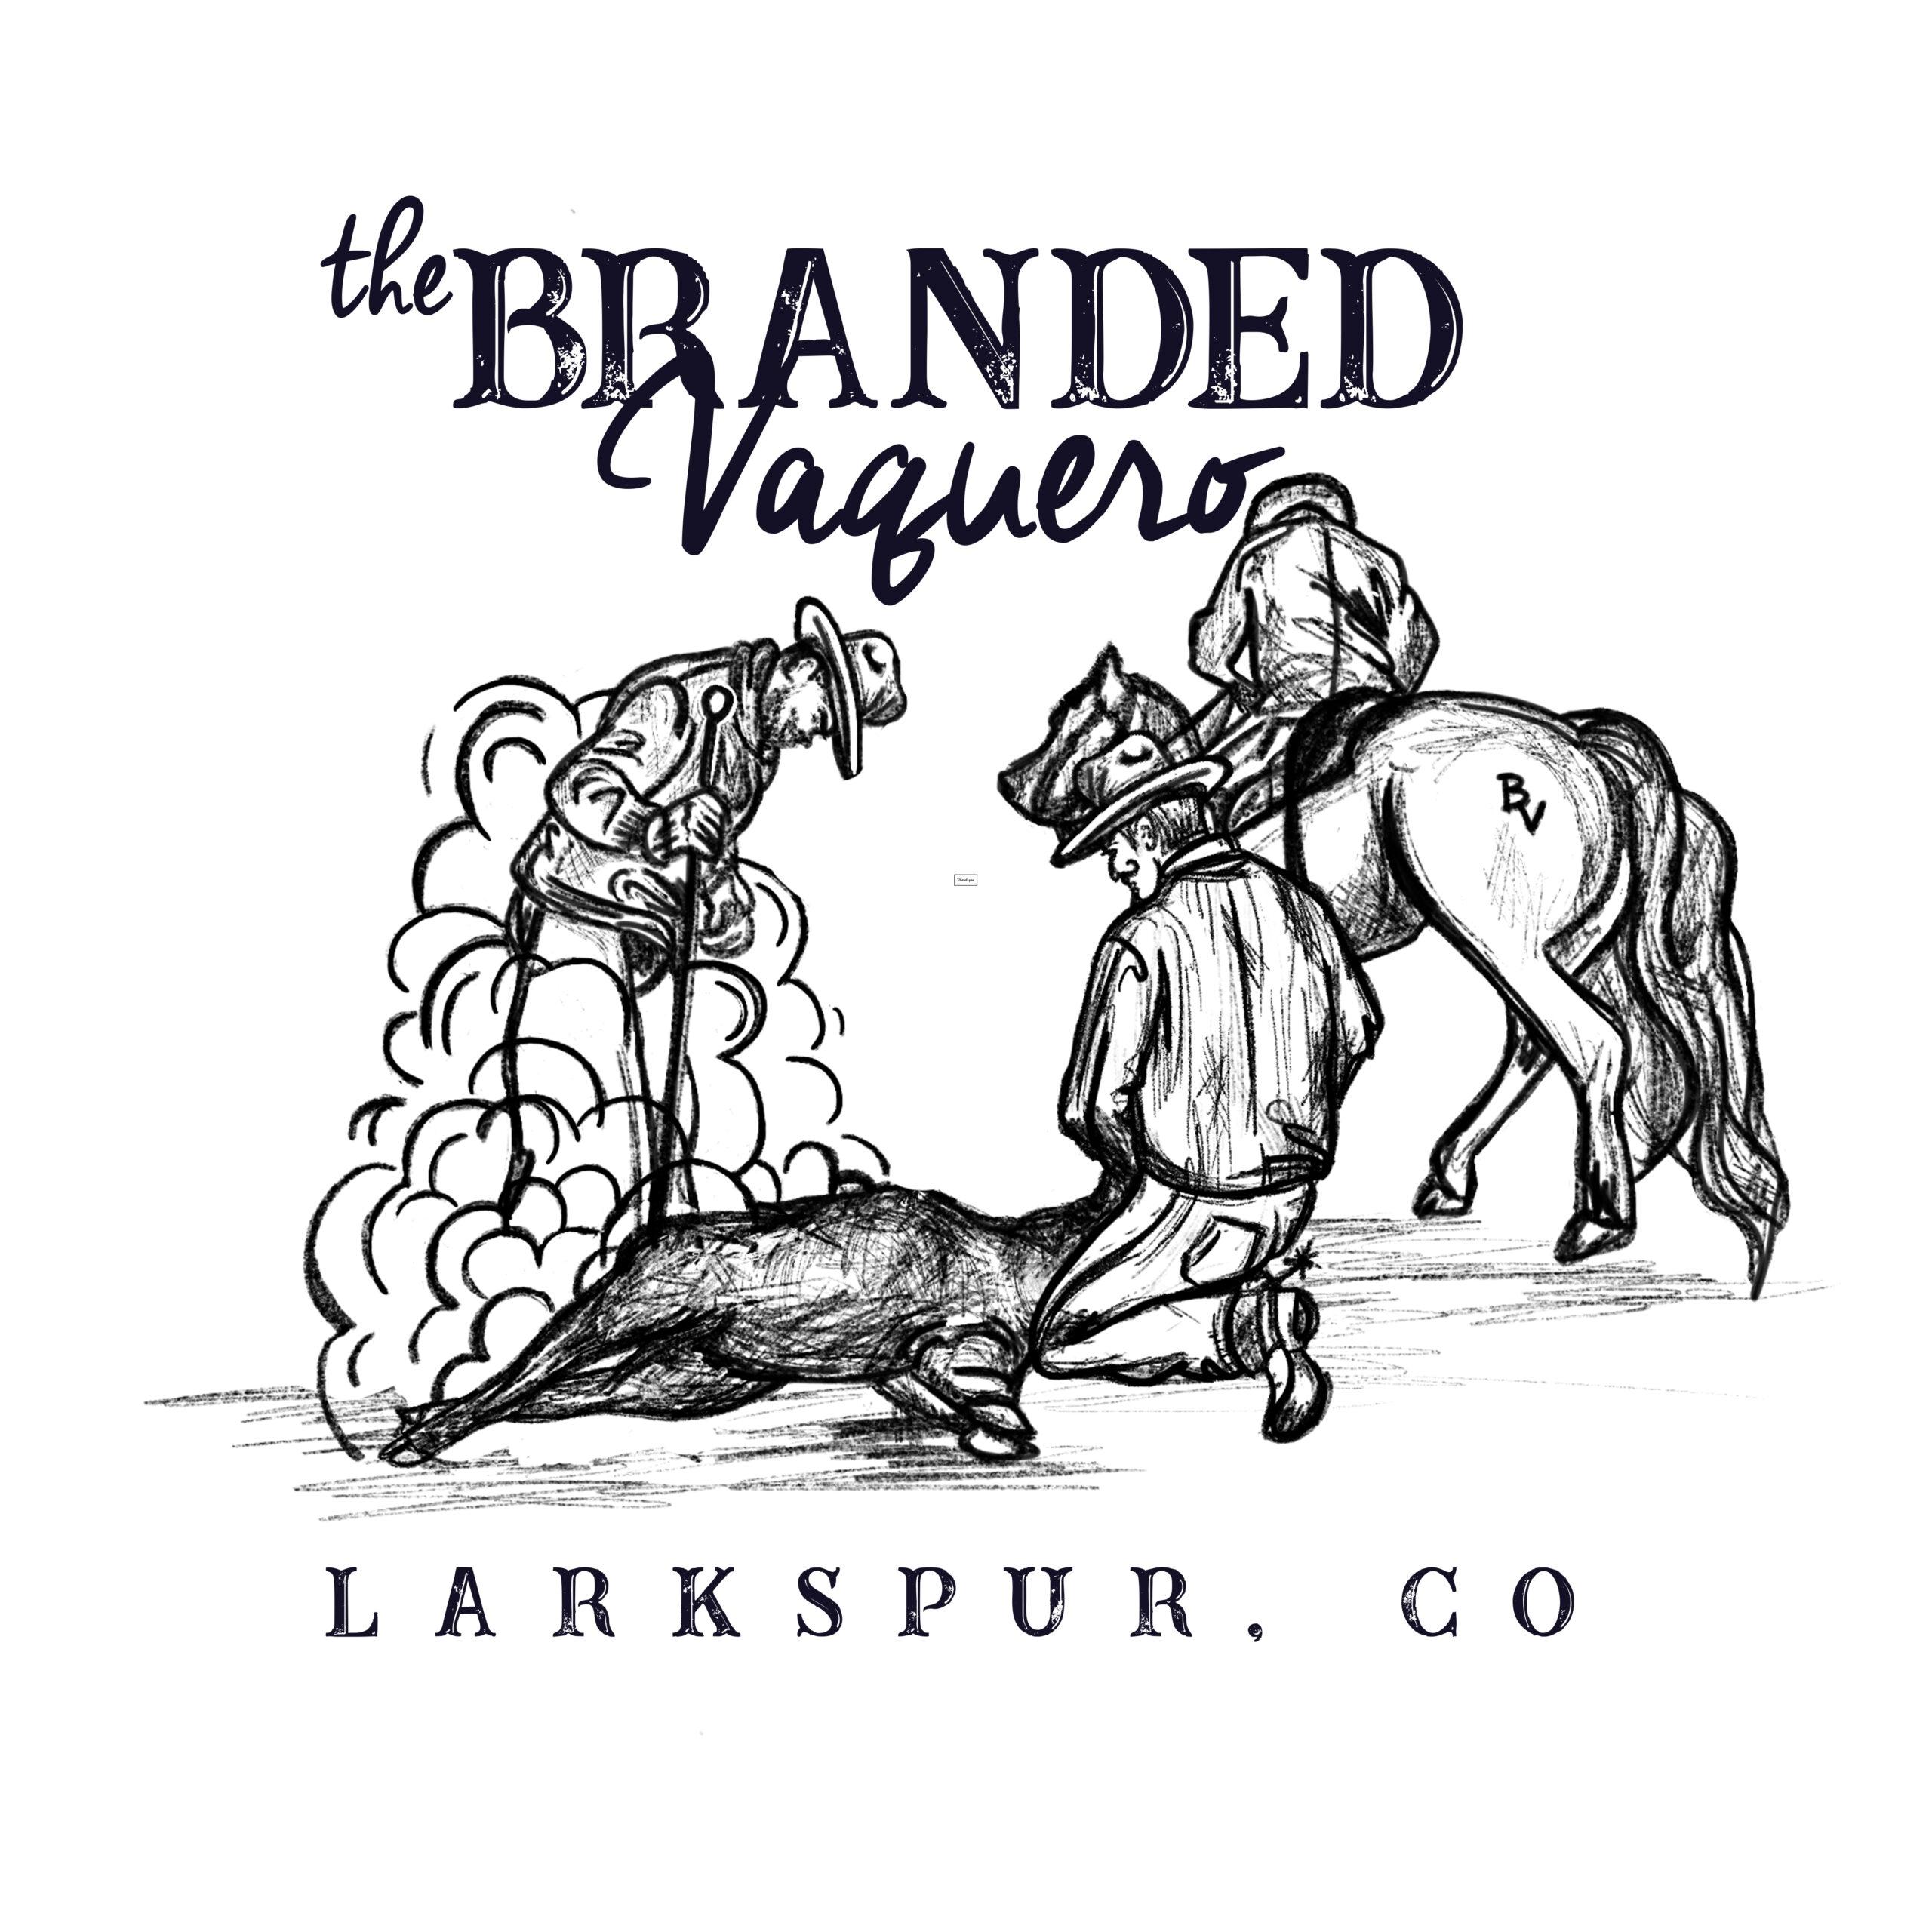 Branded Vaquero